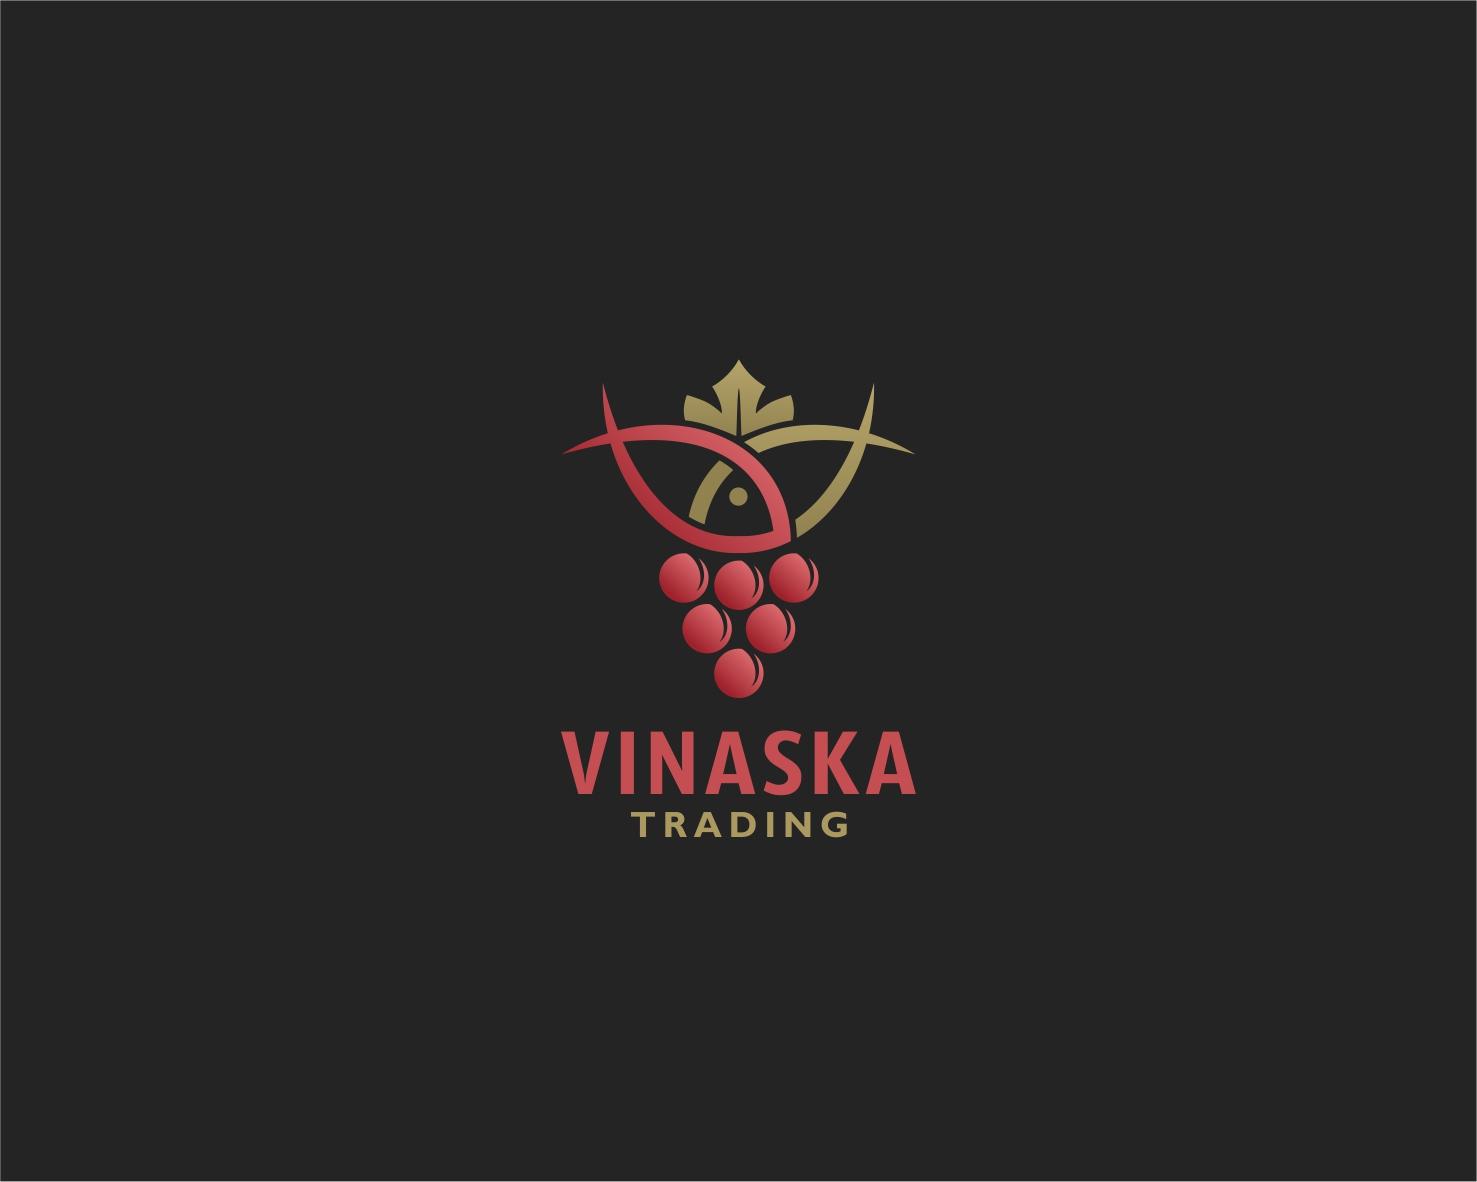 Торговля вином и морепродуктами. Вар. 3 (победа)